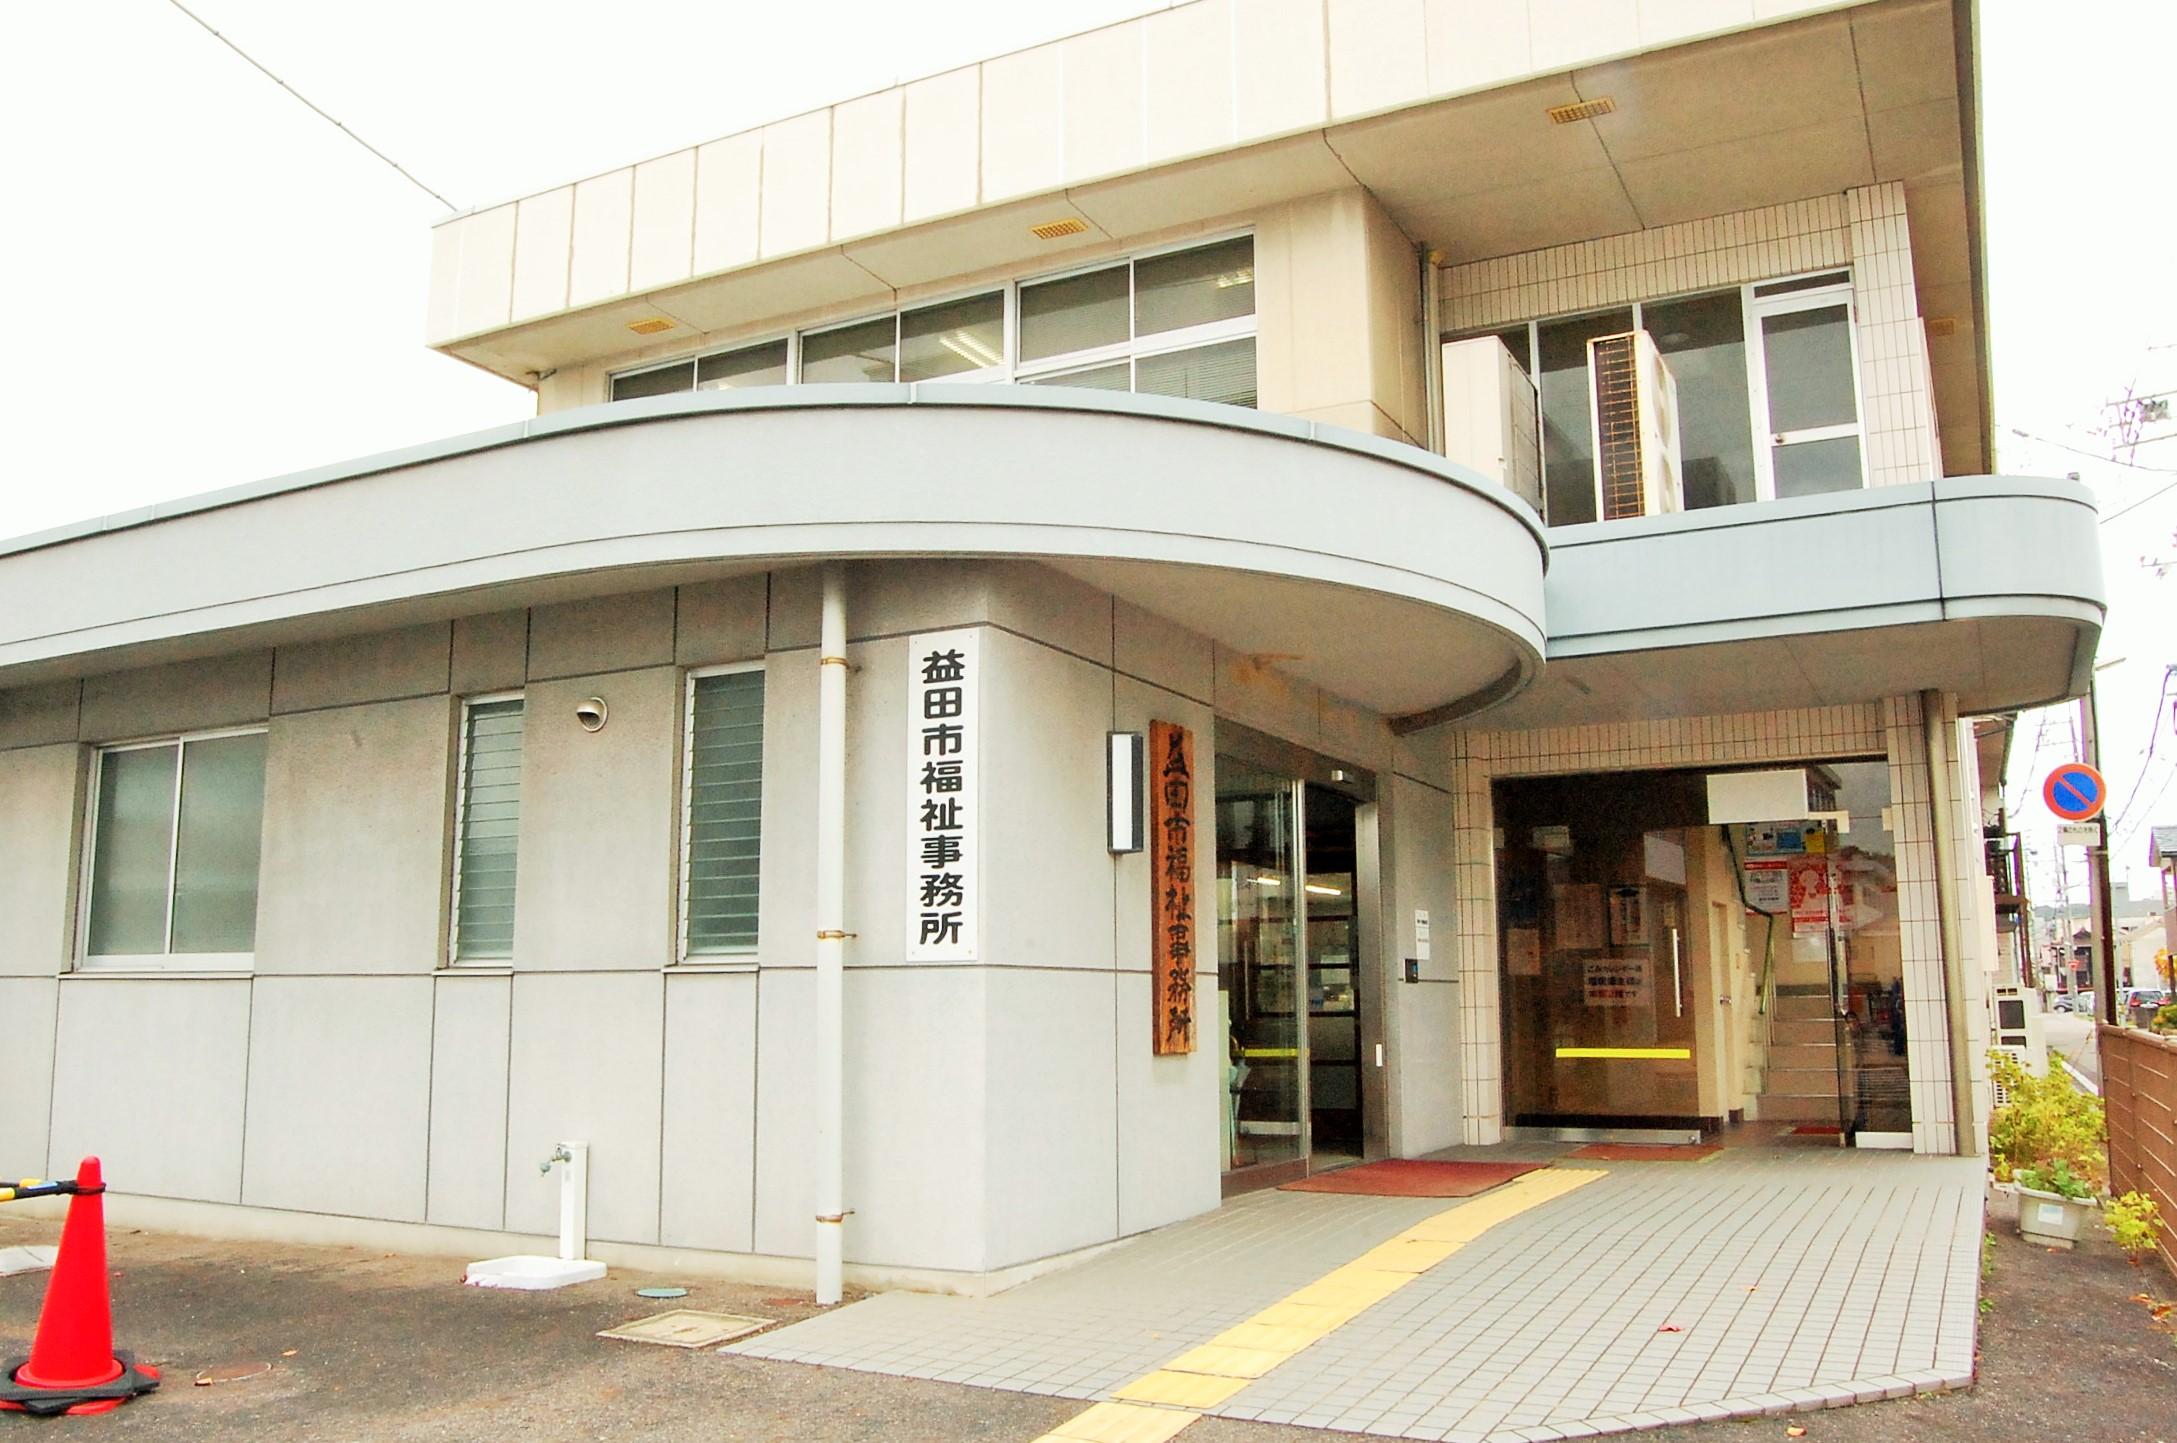 益田市福祉事務所   ますだ 安心おでかけバリアフリーマップ